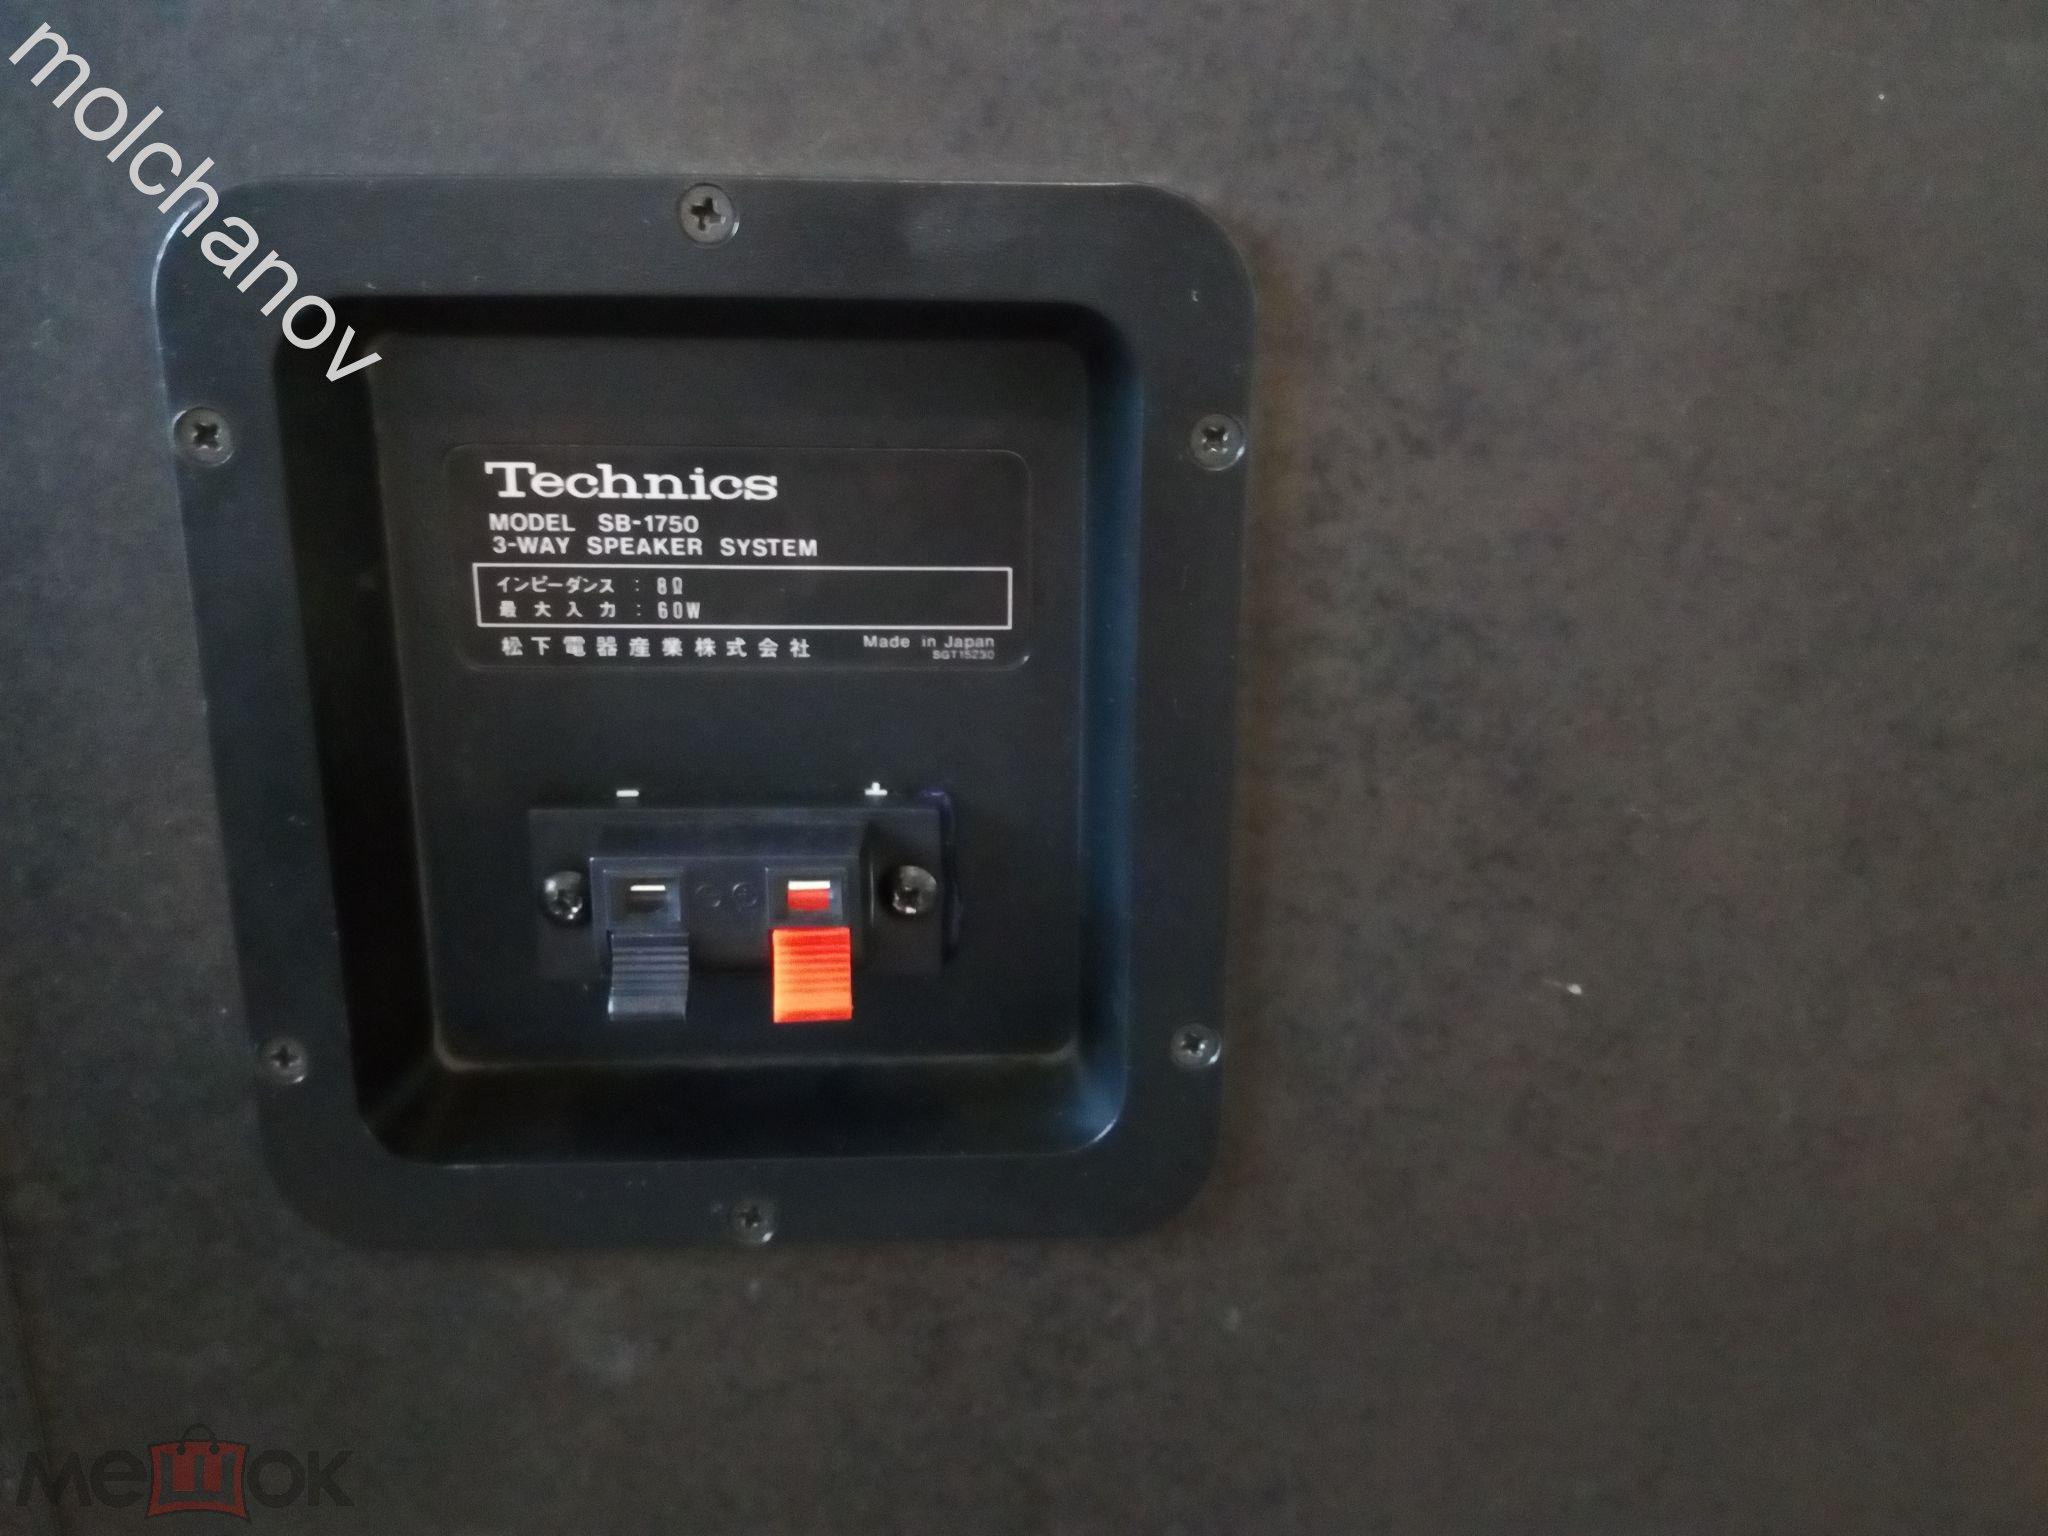 c0cadba0022 С technics jpg 2048x1536 Sb 1750